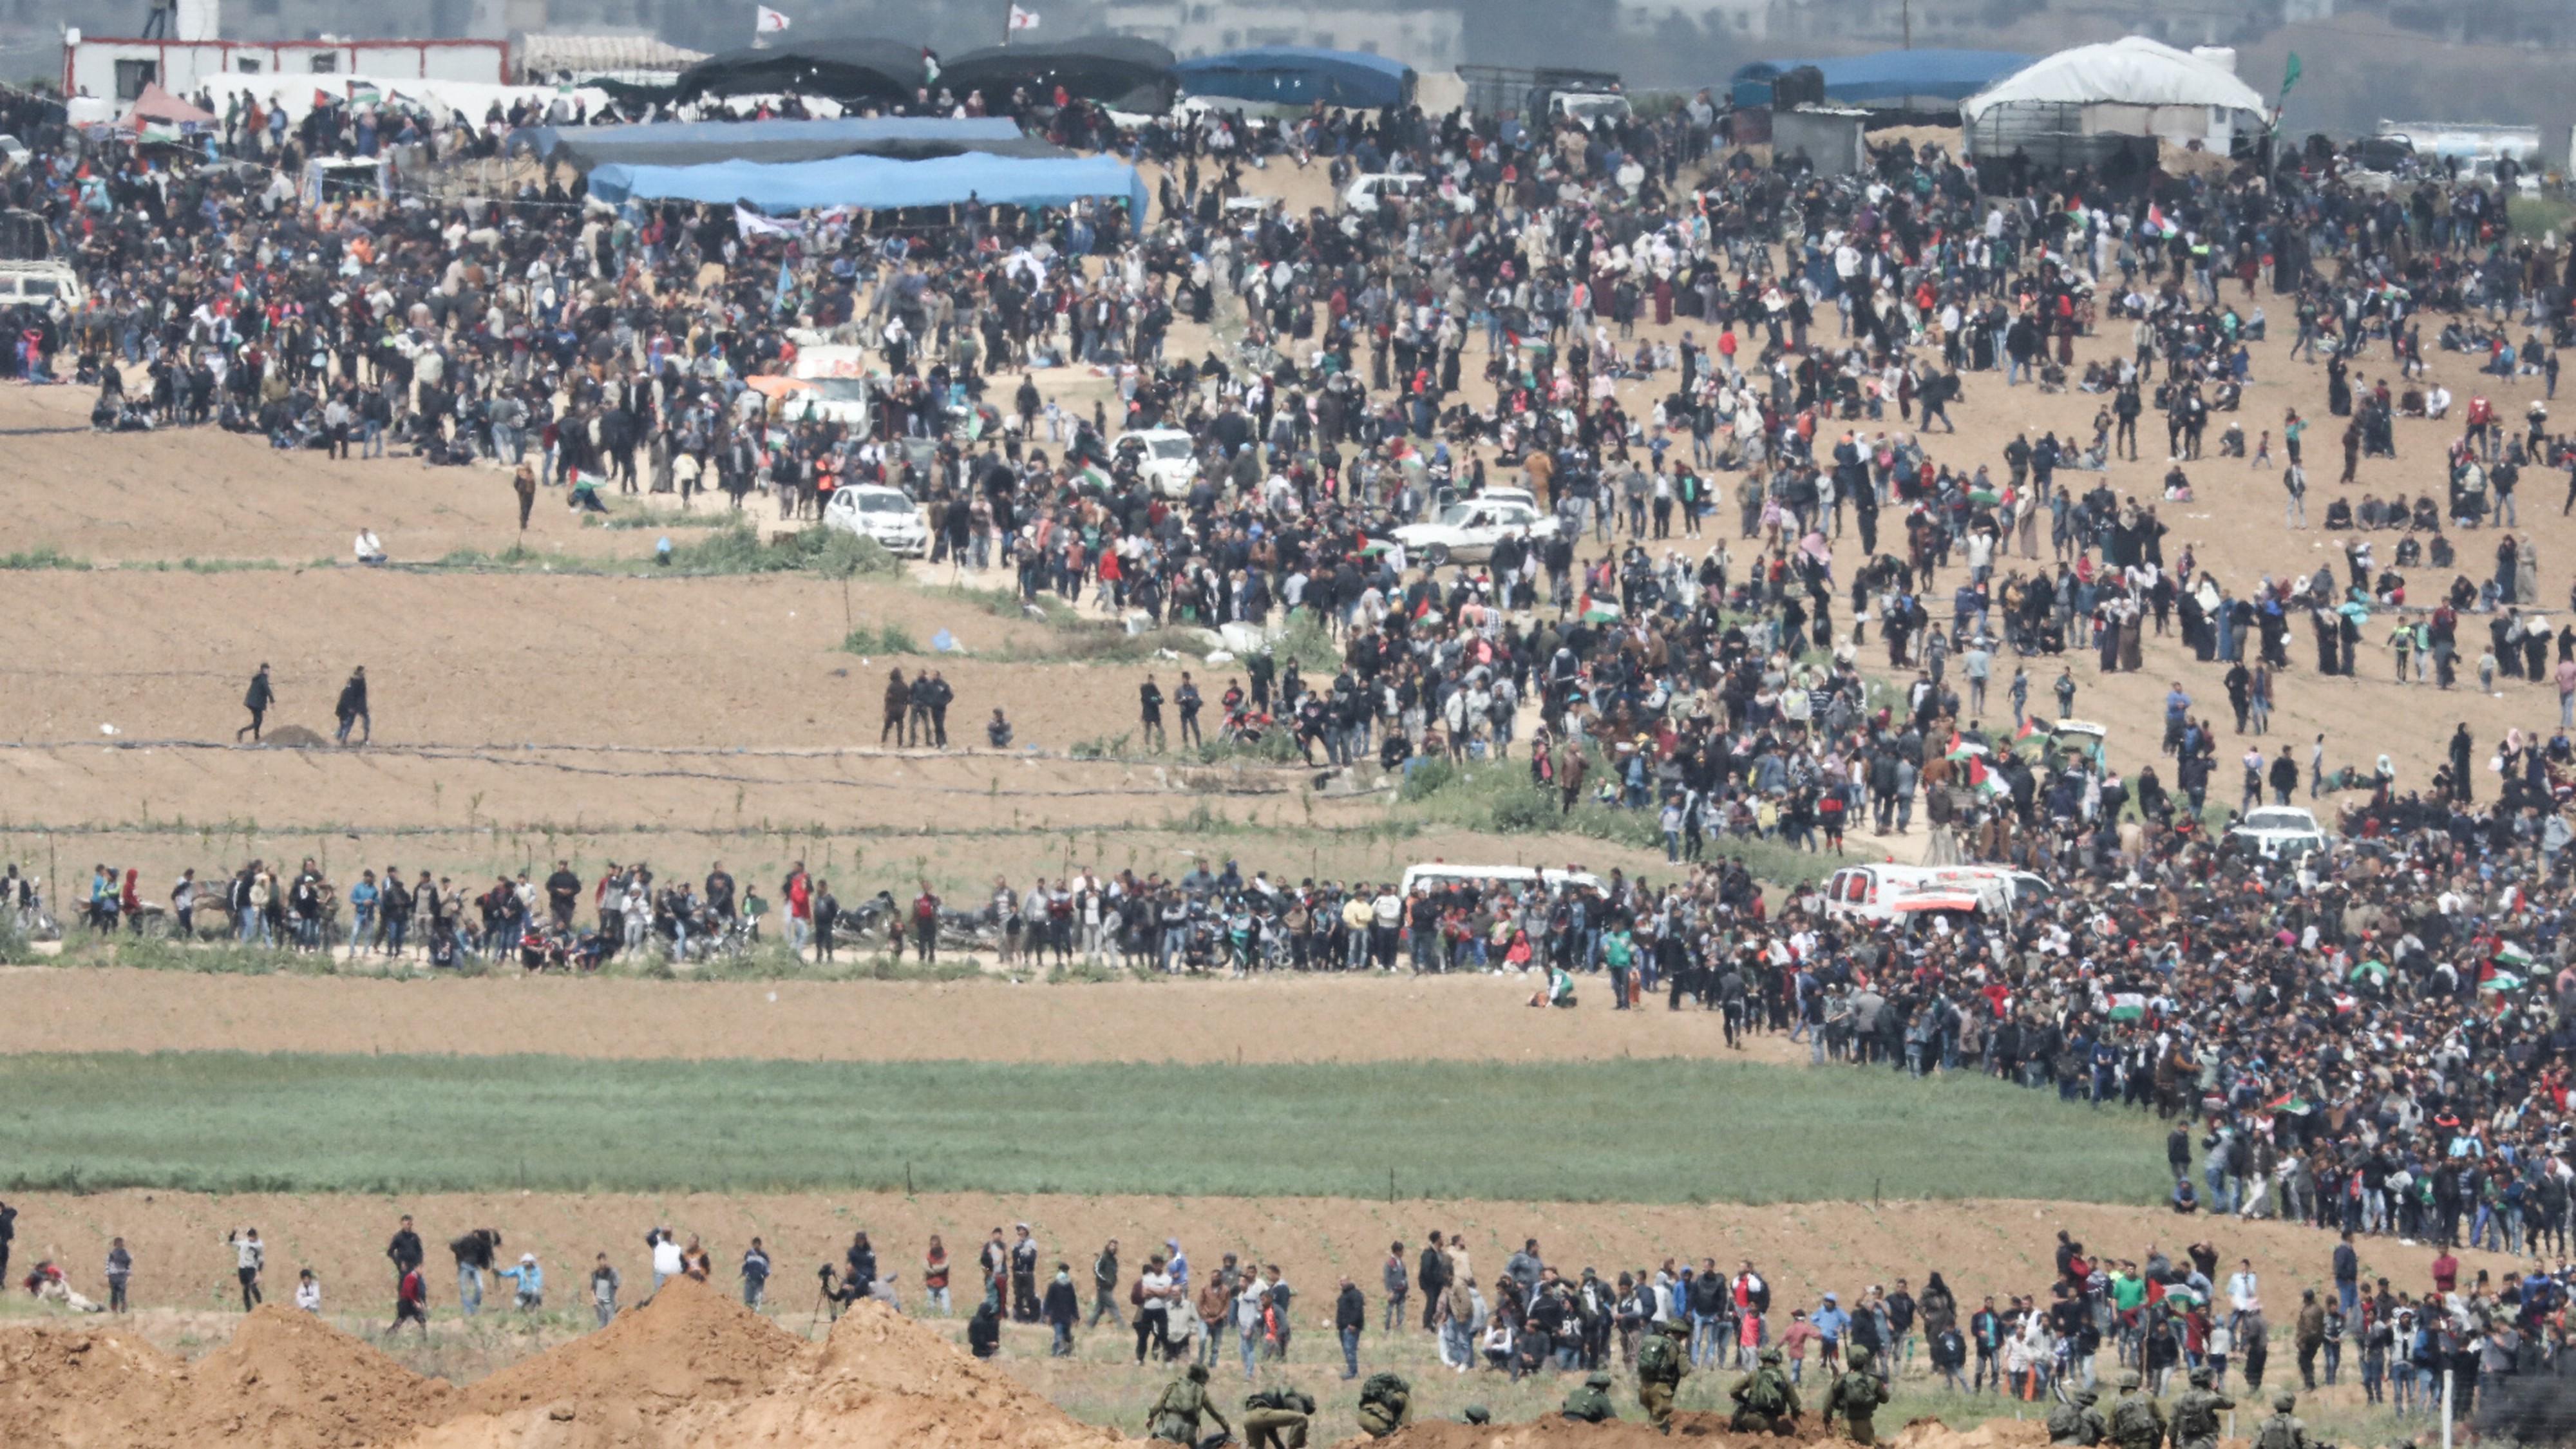 Gazastreifen:Schwere Krawalle bei Marsch der Rückkehr - 17 ...